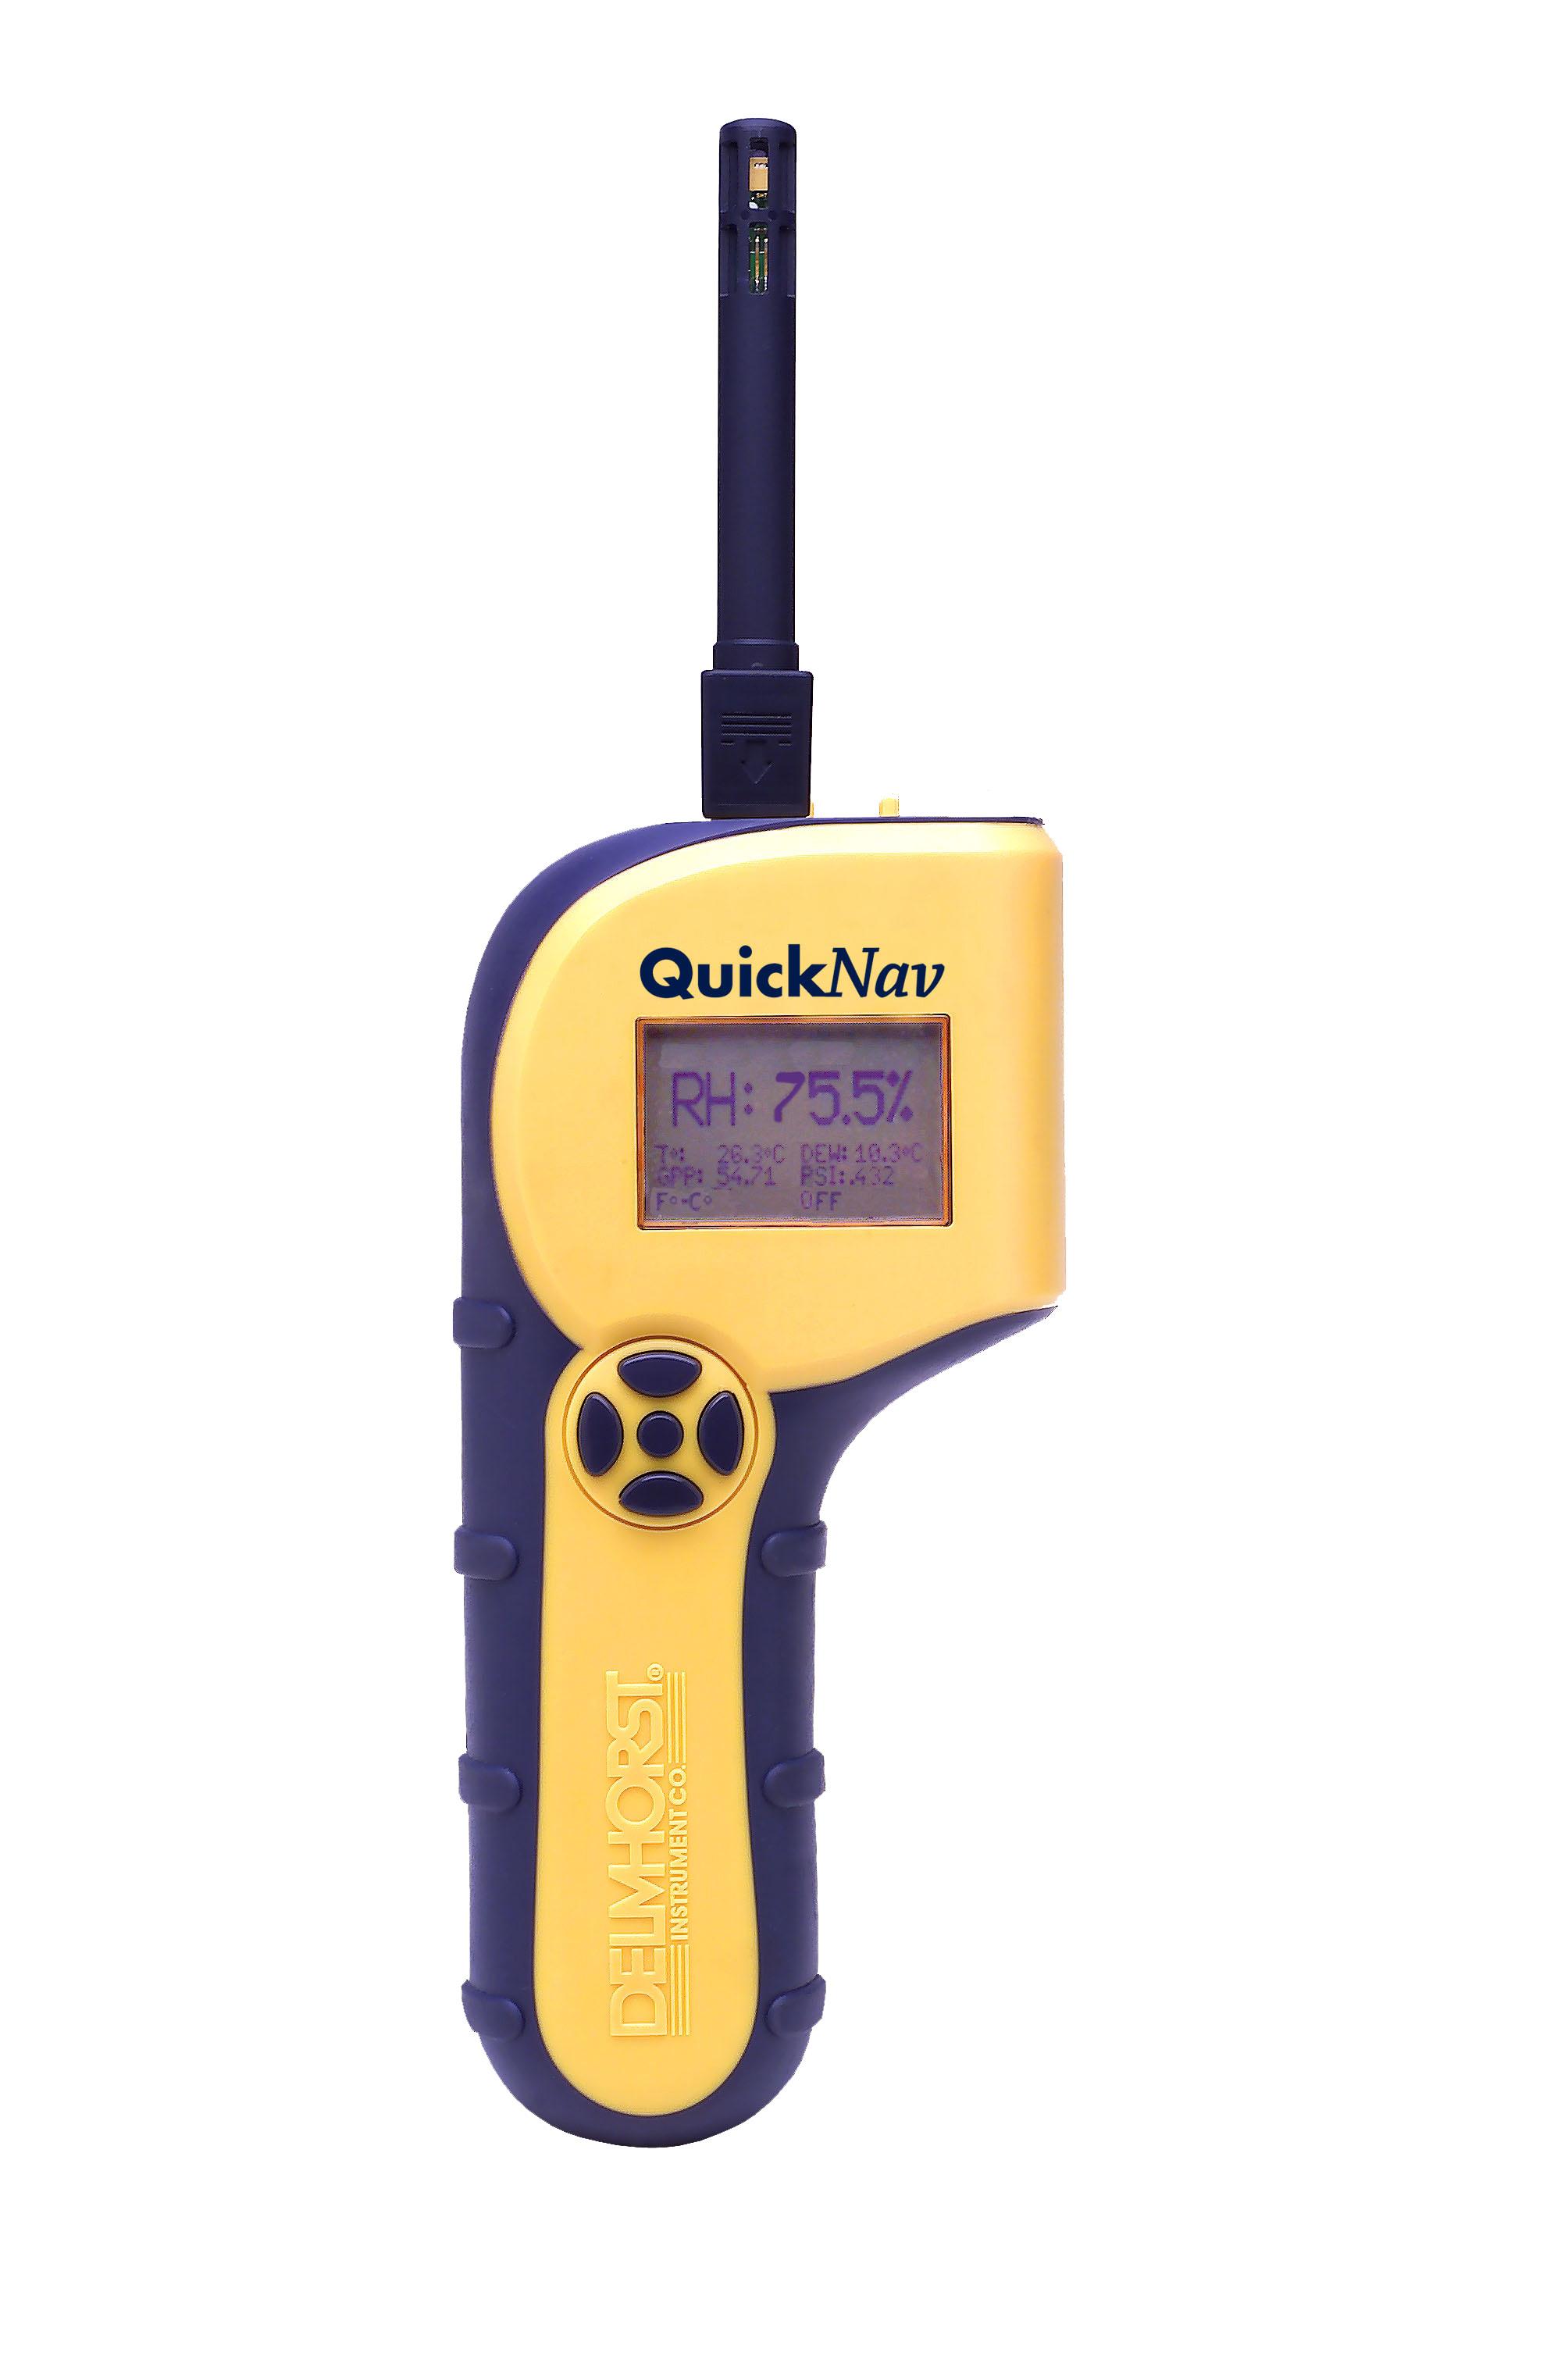 QuickNav-052814-no-DriEaz-logo-SILO